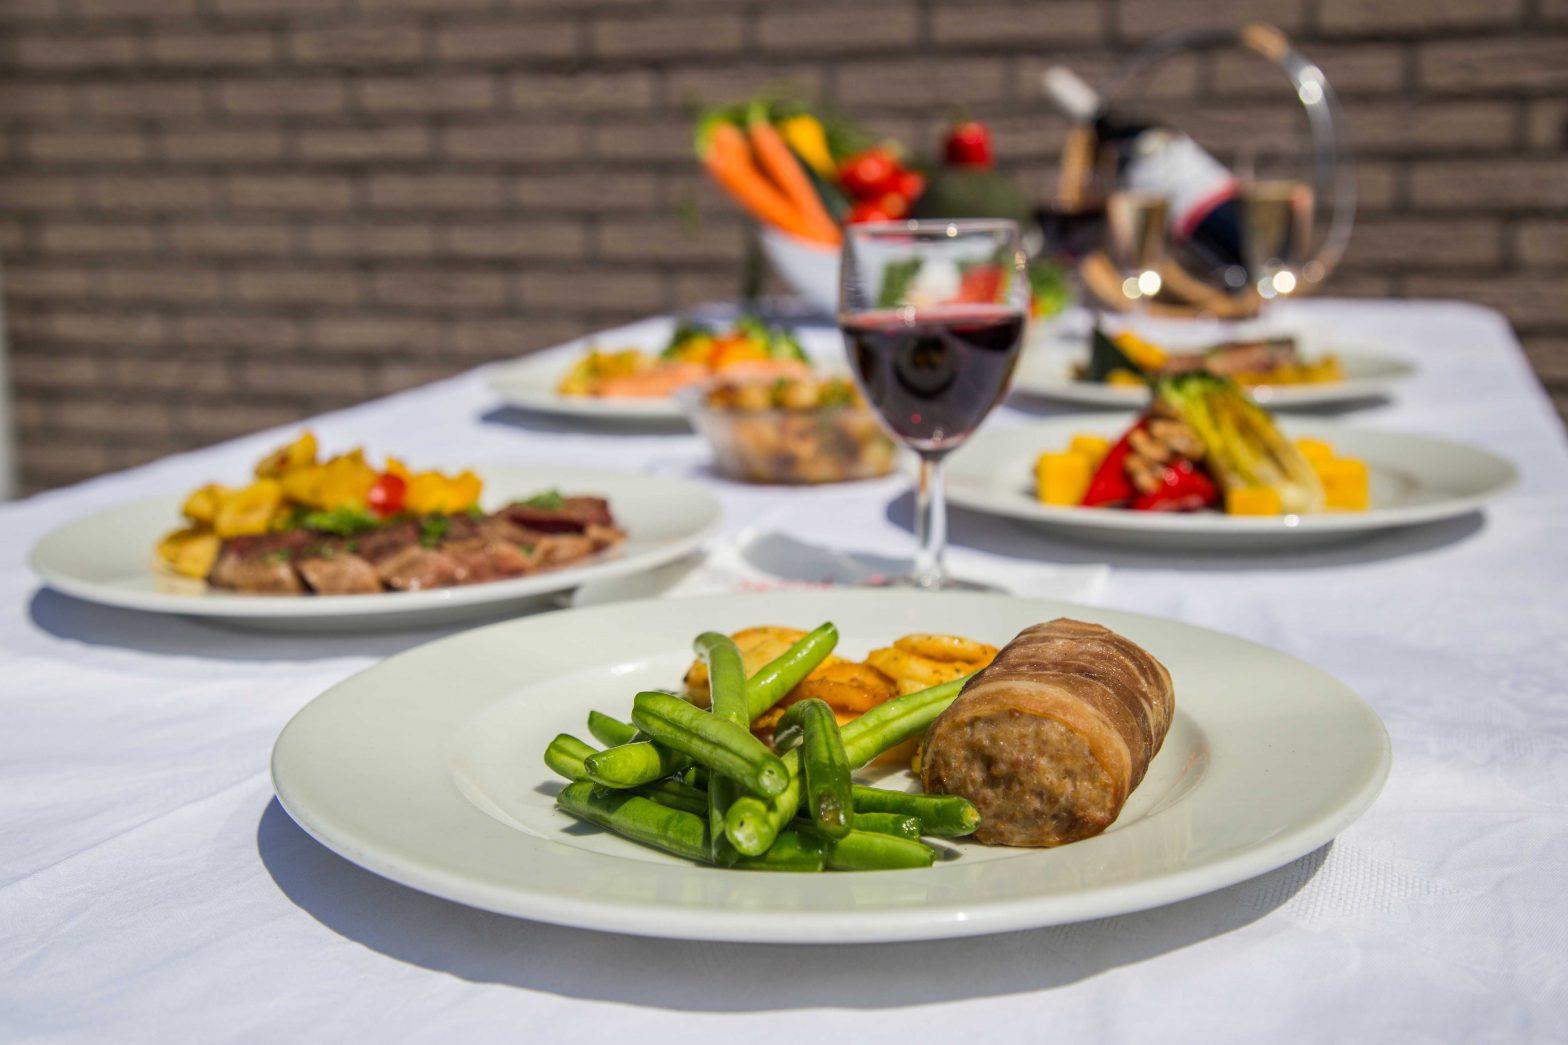 Warme maaltijden op tafel 06